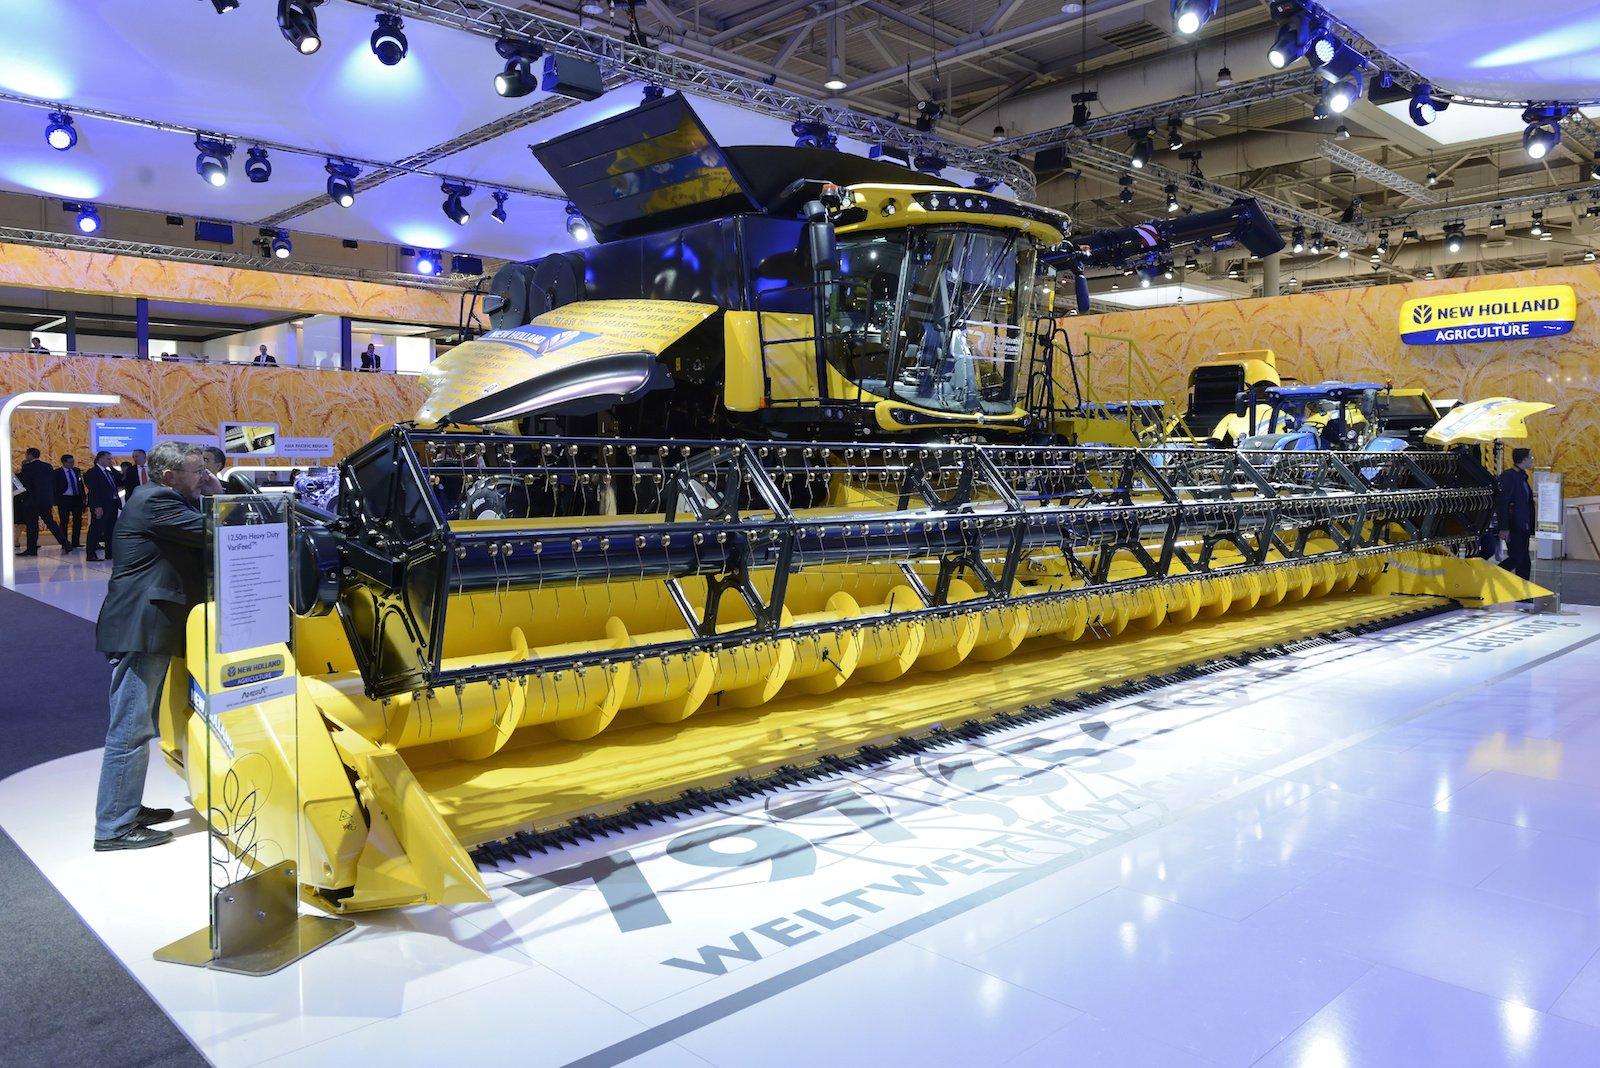 Für den größten Mähdrescher der Welt von New Holland gibt es auch ein Plätzchen auf der Agritechnica...